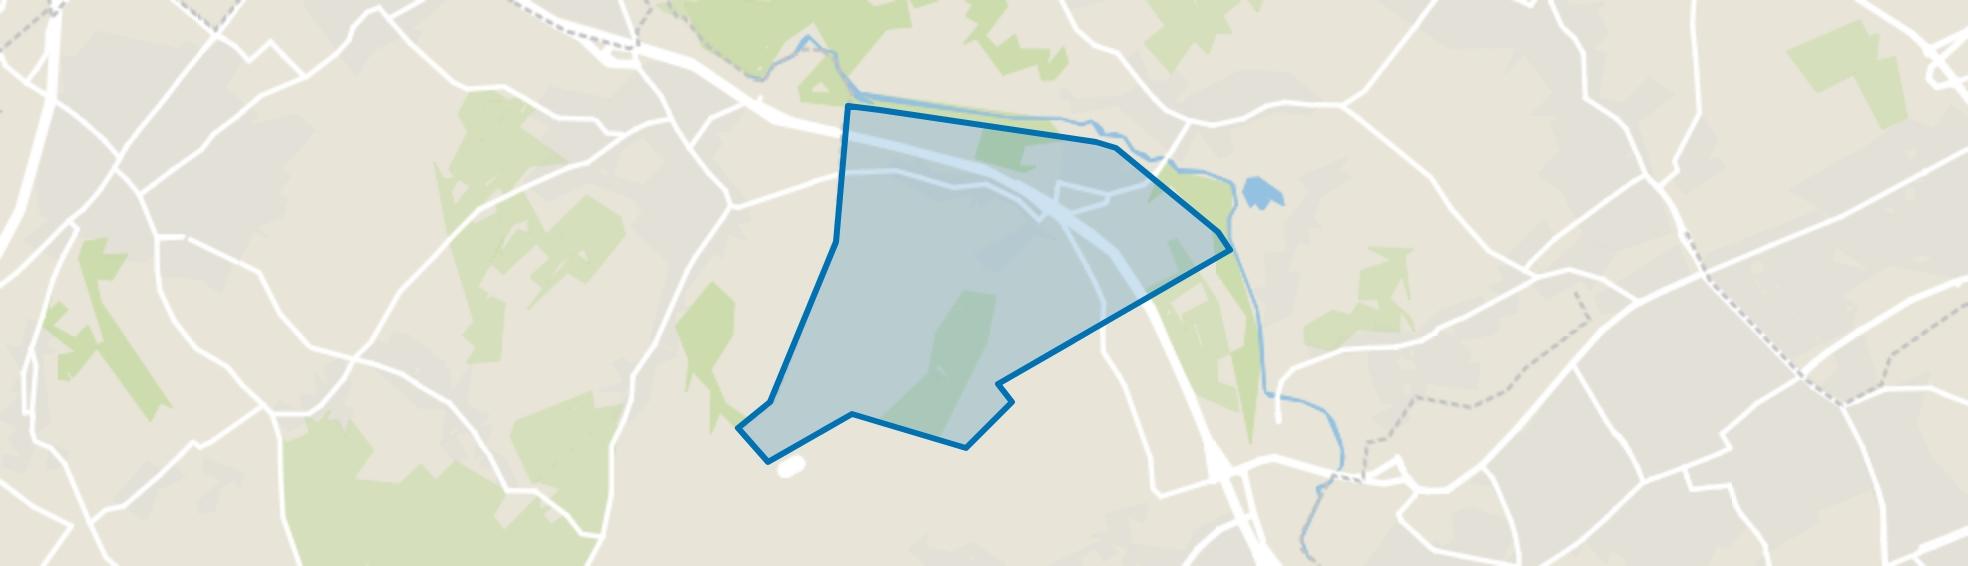 Nagelbeek-Hegge, Schinnen map